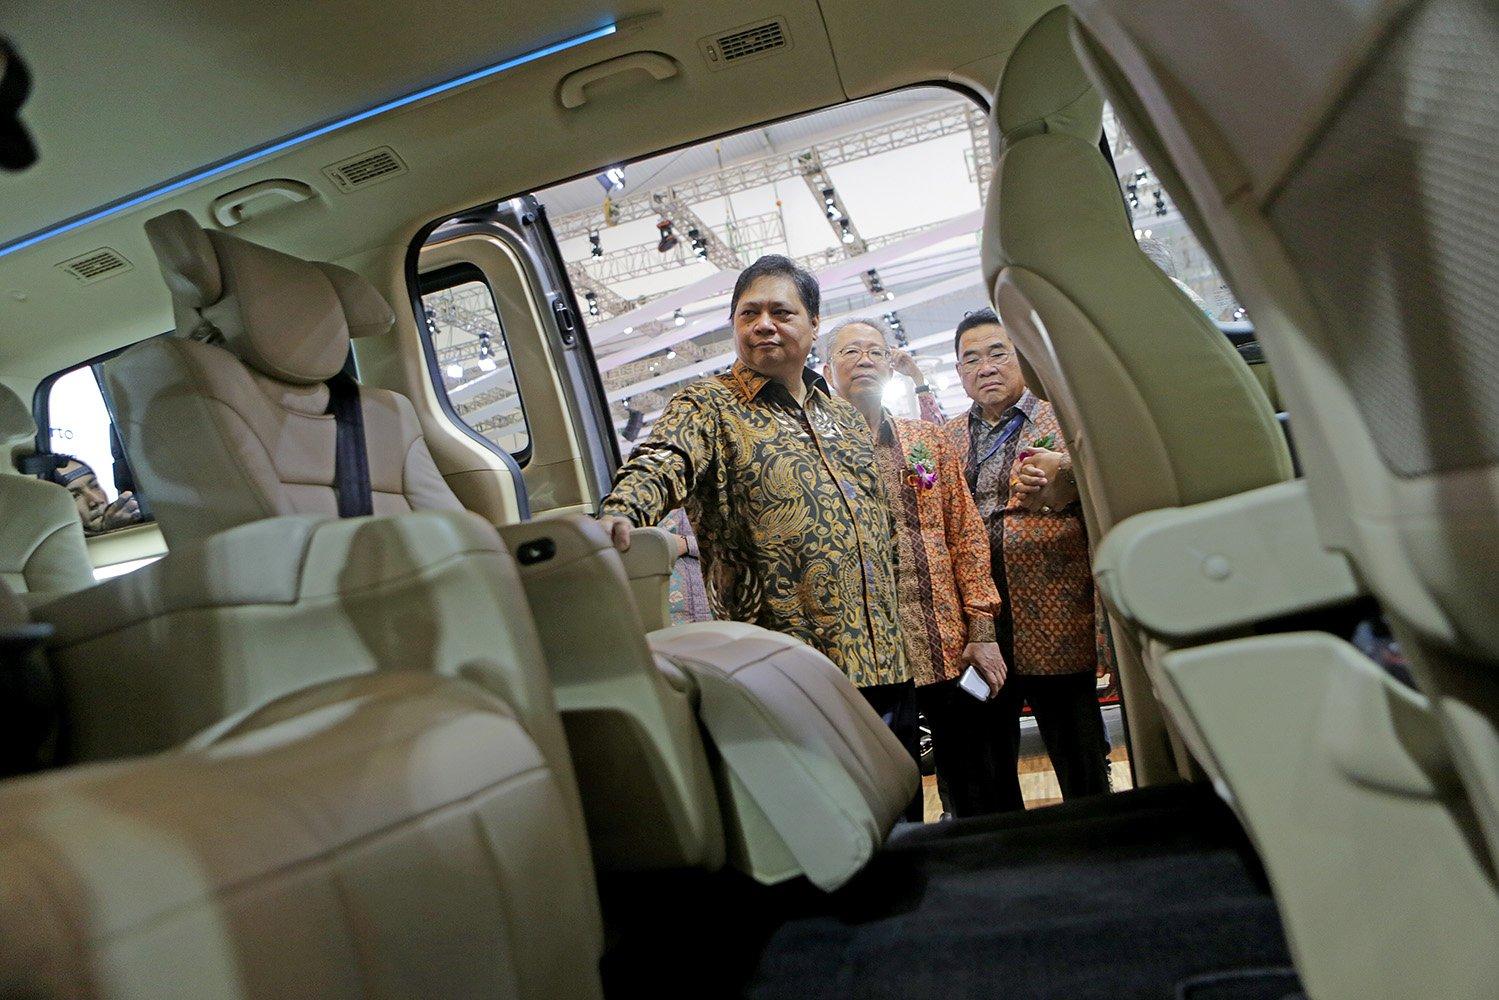 Menteri Perindustrian Airlangga Hartarto dan Ketua Umum Gaikindo Yohanes Nangoi, saat meninjau stand pamer KIA pada acara GIIAS 2017 di Tangerang, Banten, Kamis (10/8).